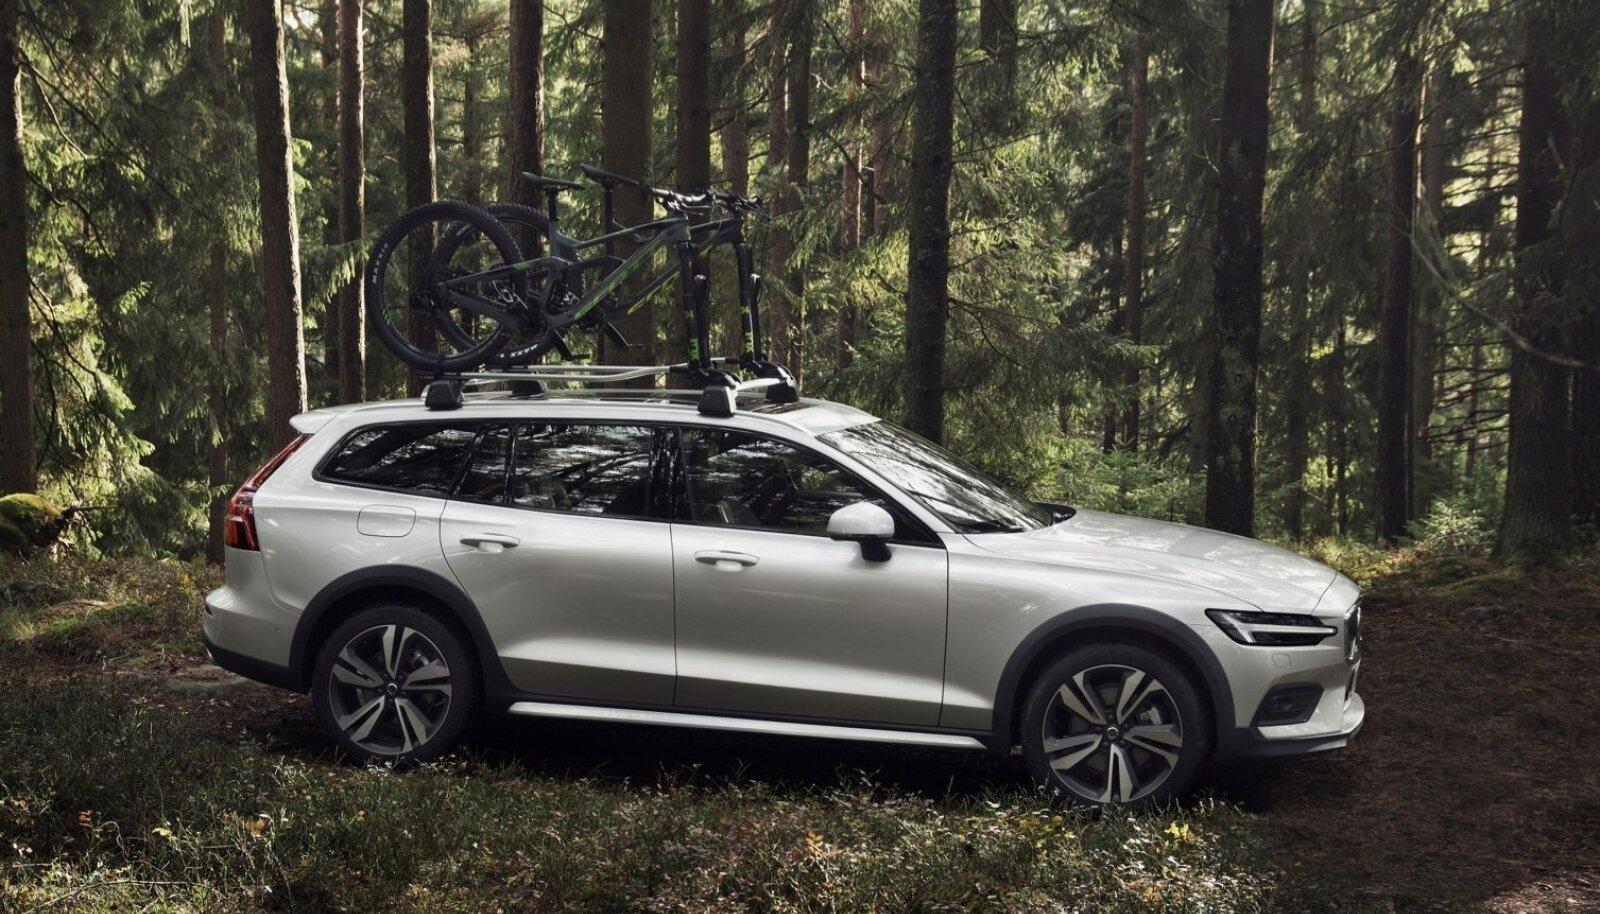 Volvo V60 Cross Countryl on tänu nutikale nelikveole, off-road-sõidurežiimile, mägipidurile ja märkimisväärsele kliirensile (20,6 cm) kohati rohkem maastikusõidu võimet kui nii mõnelgi džiibilikumal autol.